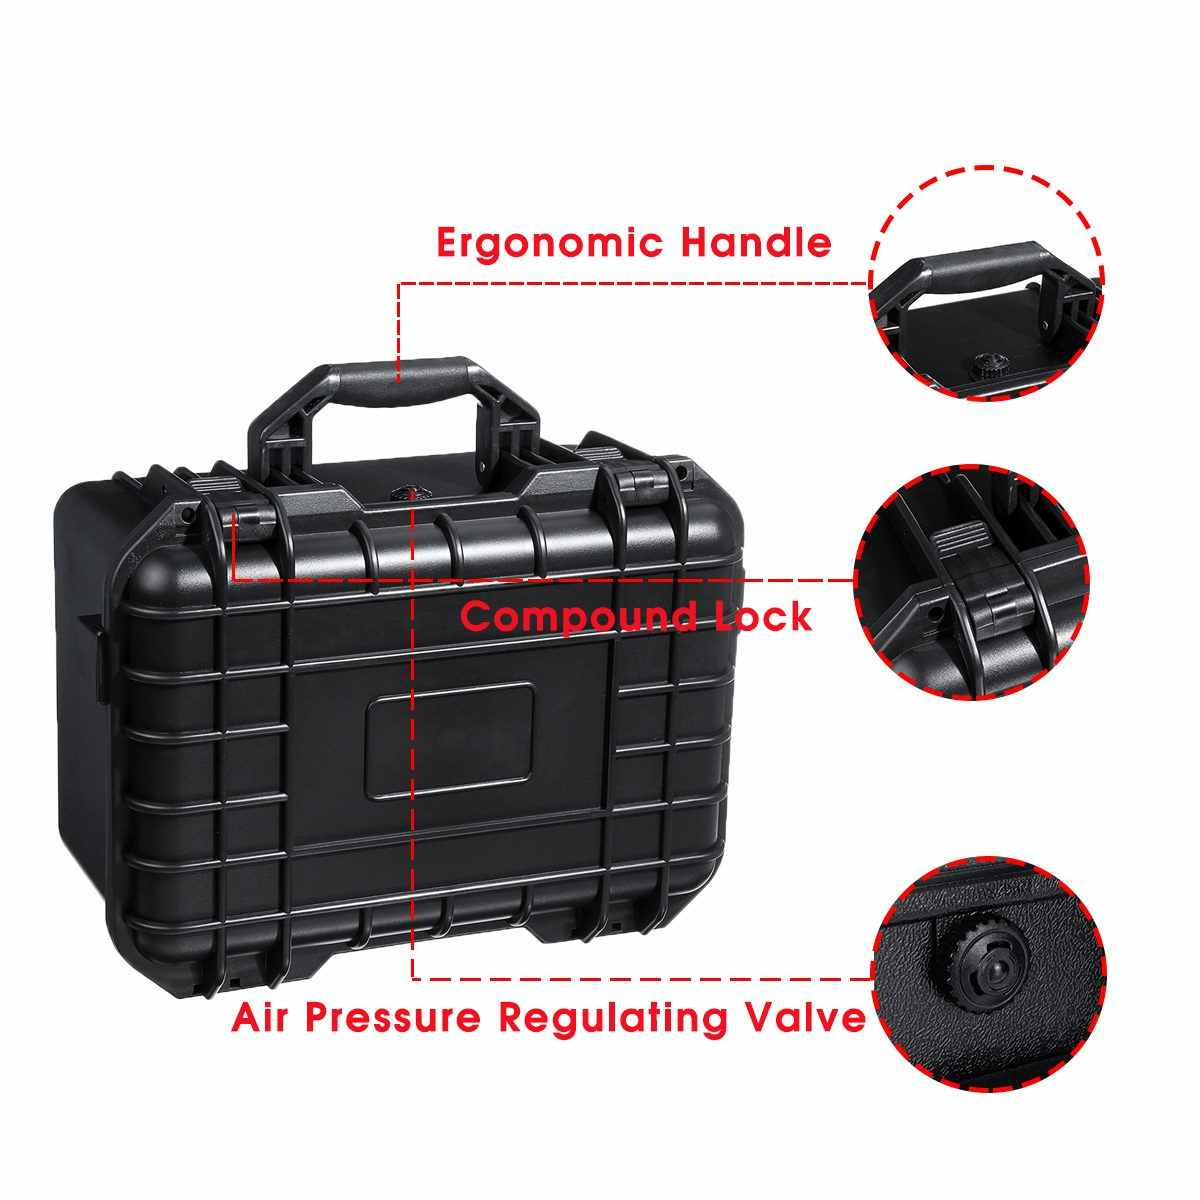 防水安全ツールケースポータブル密封された楽器ツールボックス機器耐衝撃性ツールボックススーツケースコンテナ